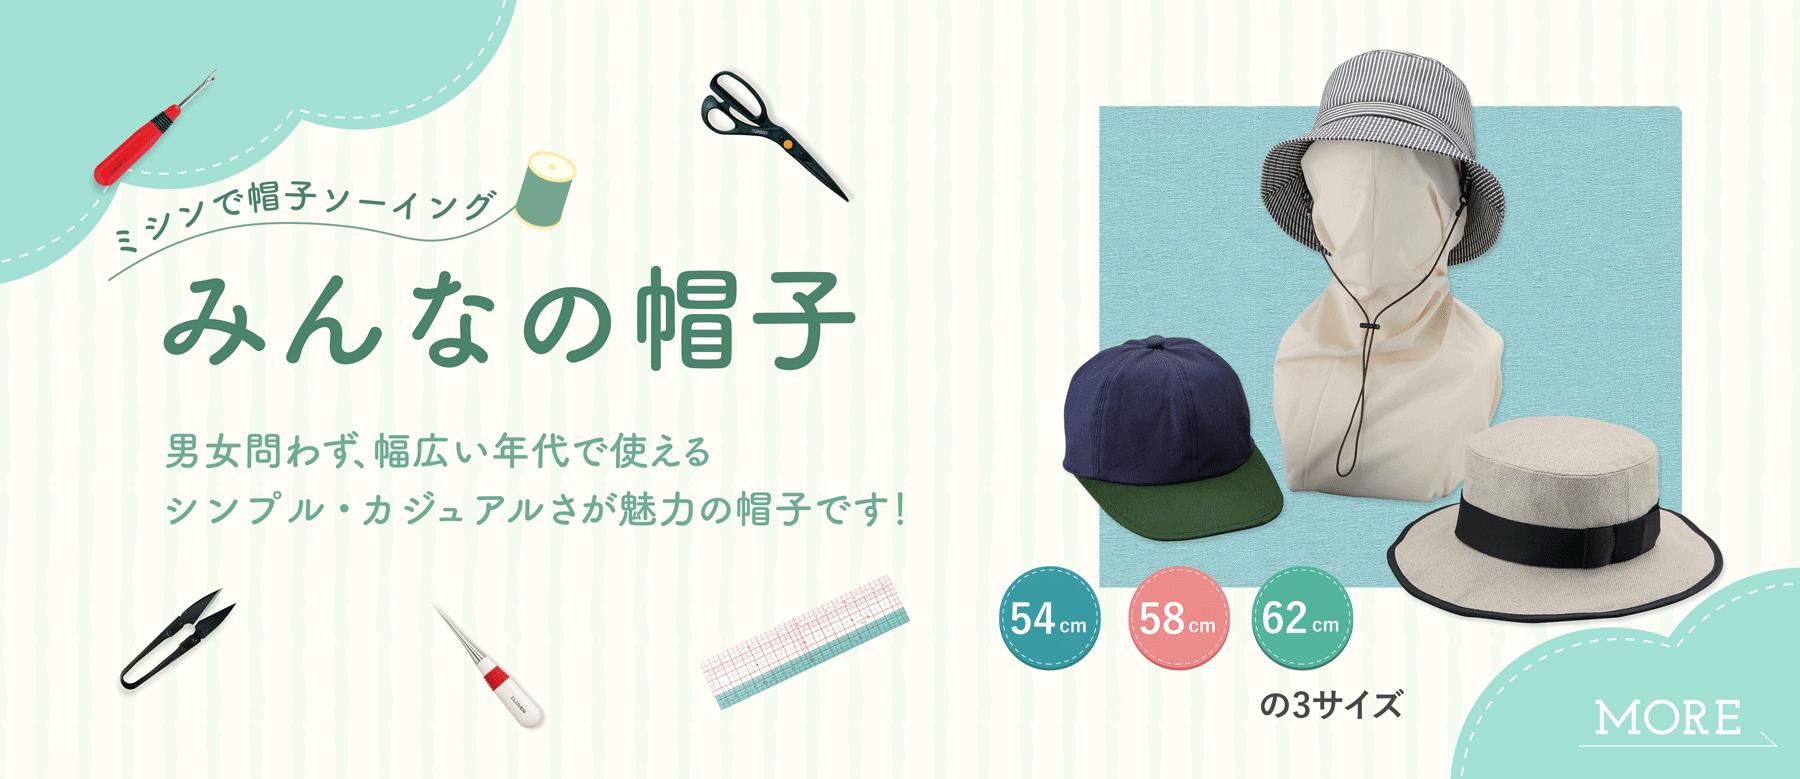 ミシンで帽子ソーイング「みんなの帽子」(キャップ・クロッシェ・カンカン帽)